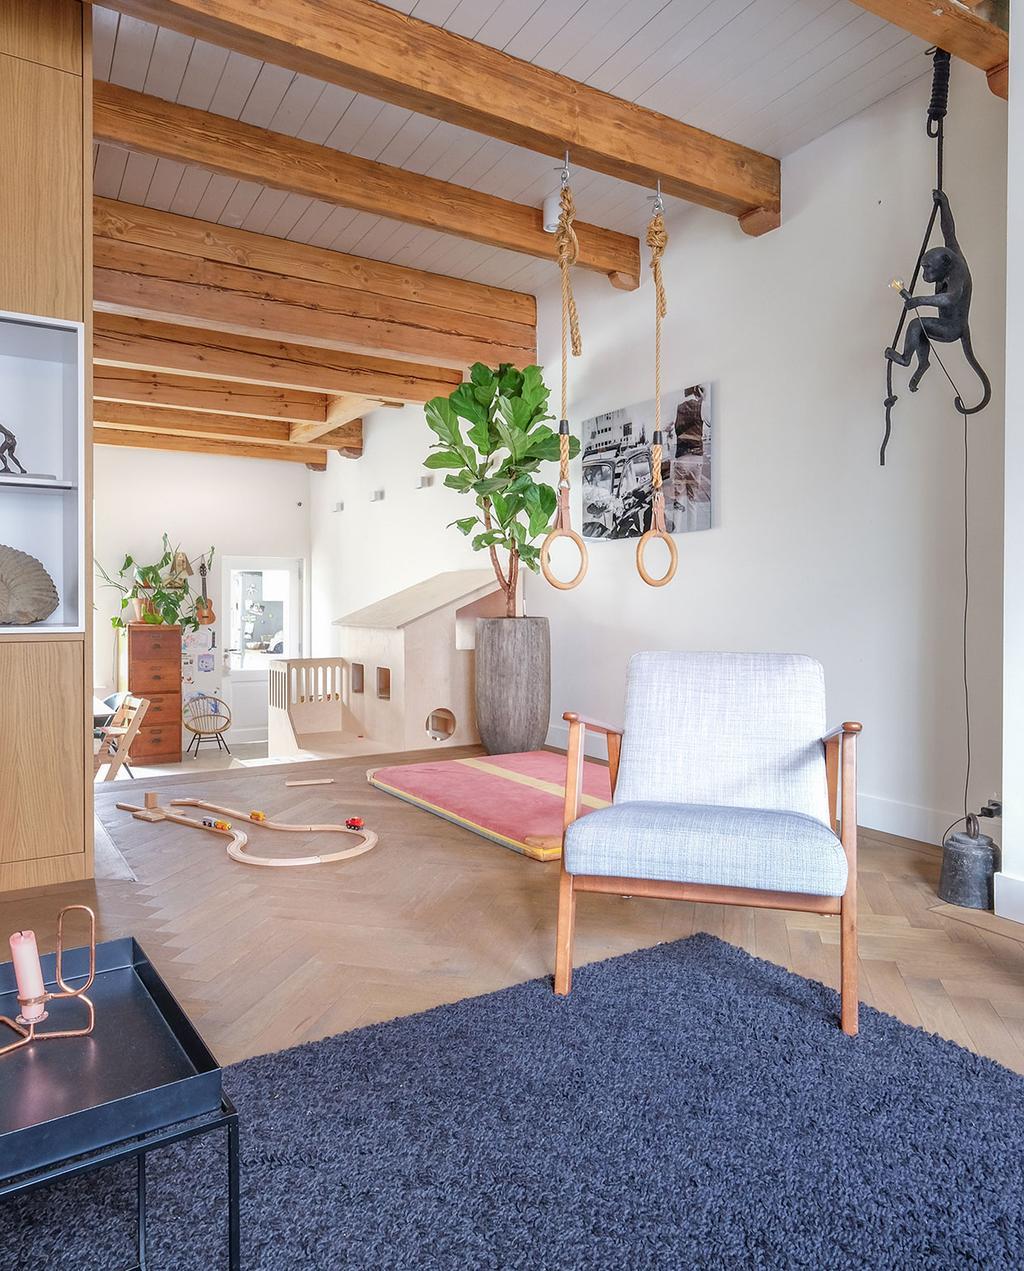 vtwonen 03-2021 | woonkamer met gymnastiek ringen, vloerkleed en fauteuil